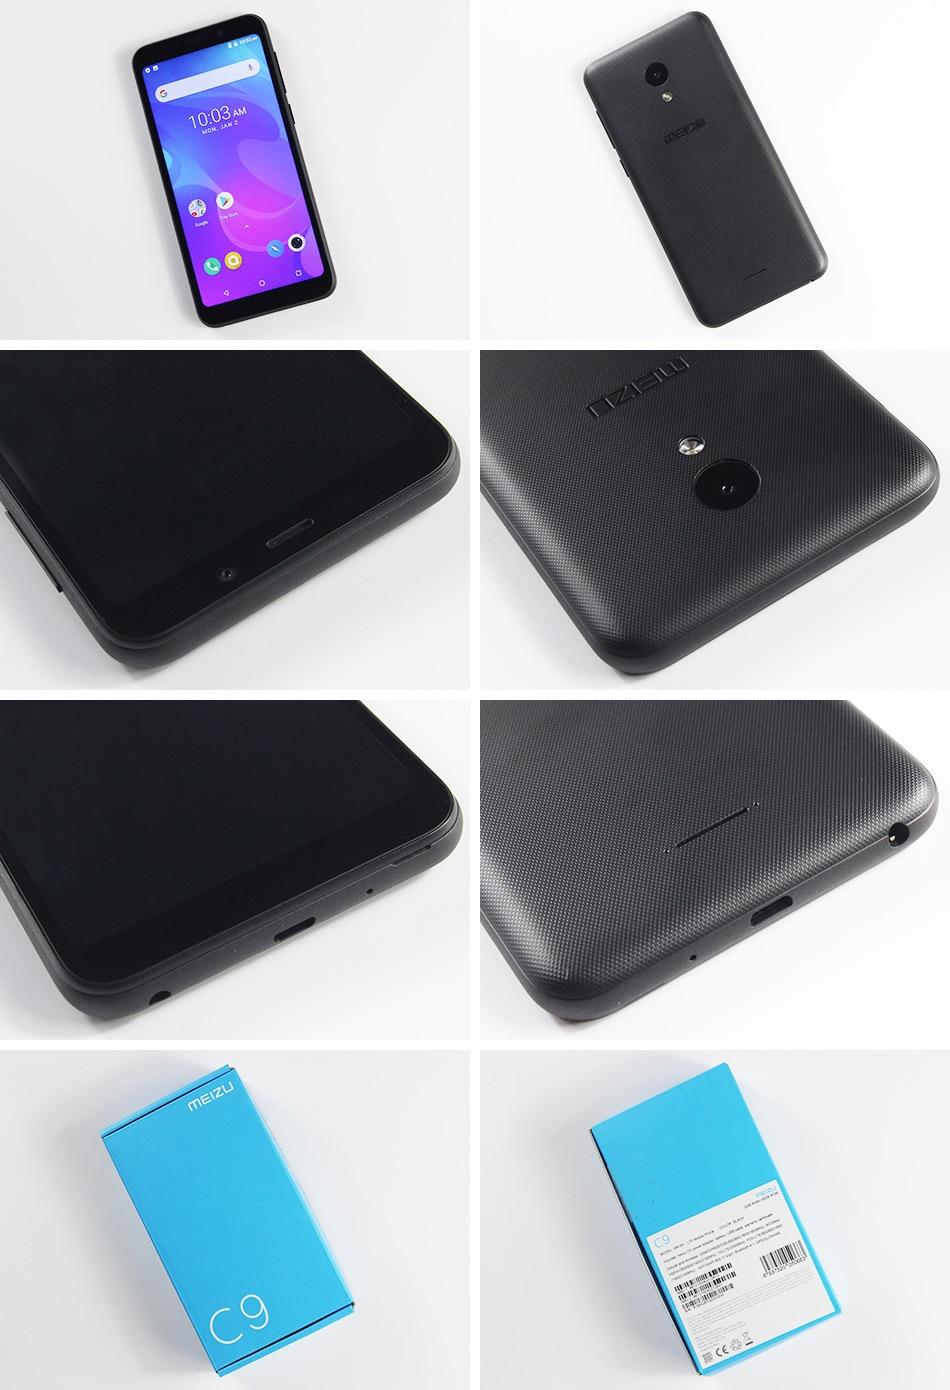 Meizu C9, 2 ГБ, 16 ГБ, глобальная версия, мобильный телефон, четырехъядерный, 5,45 дюймов, 1440X720 P, фронтальная, 8 Мп, задняя камера 13 МП, аккумулятор 3000 мАч